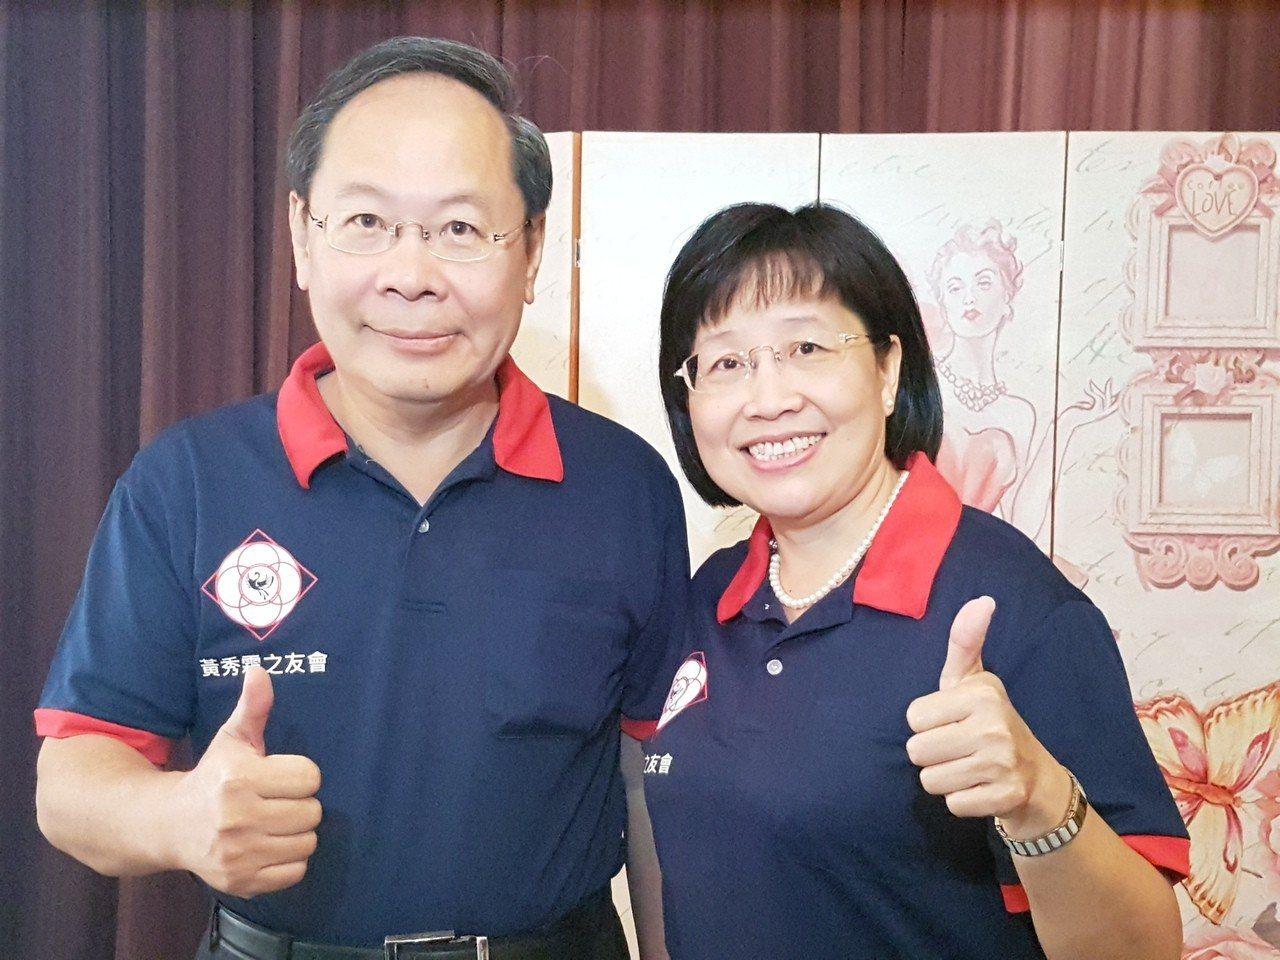 台南大學前校長黃秀霜(右)昨天在黃秀霜之友會會員大會上表示,正式投入明年台南市長...